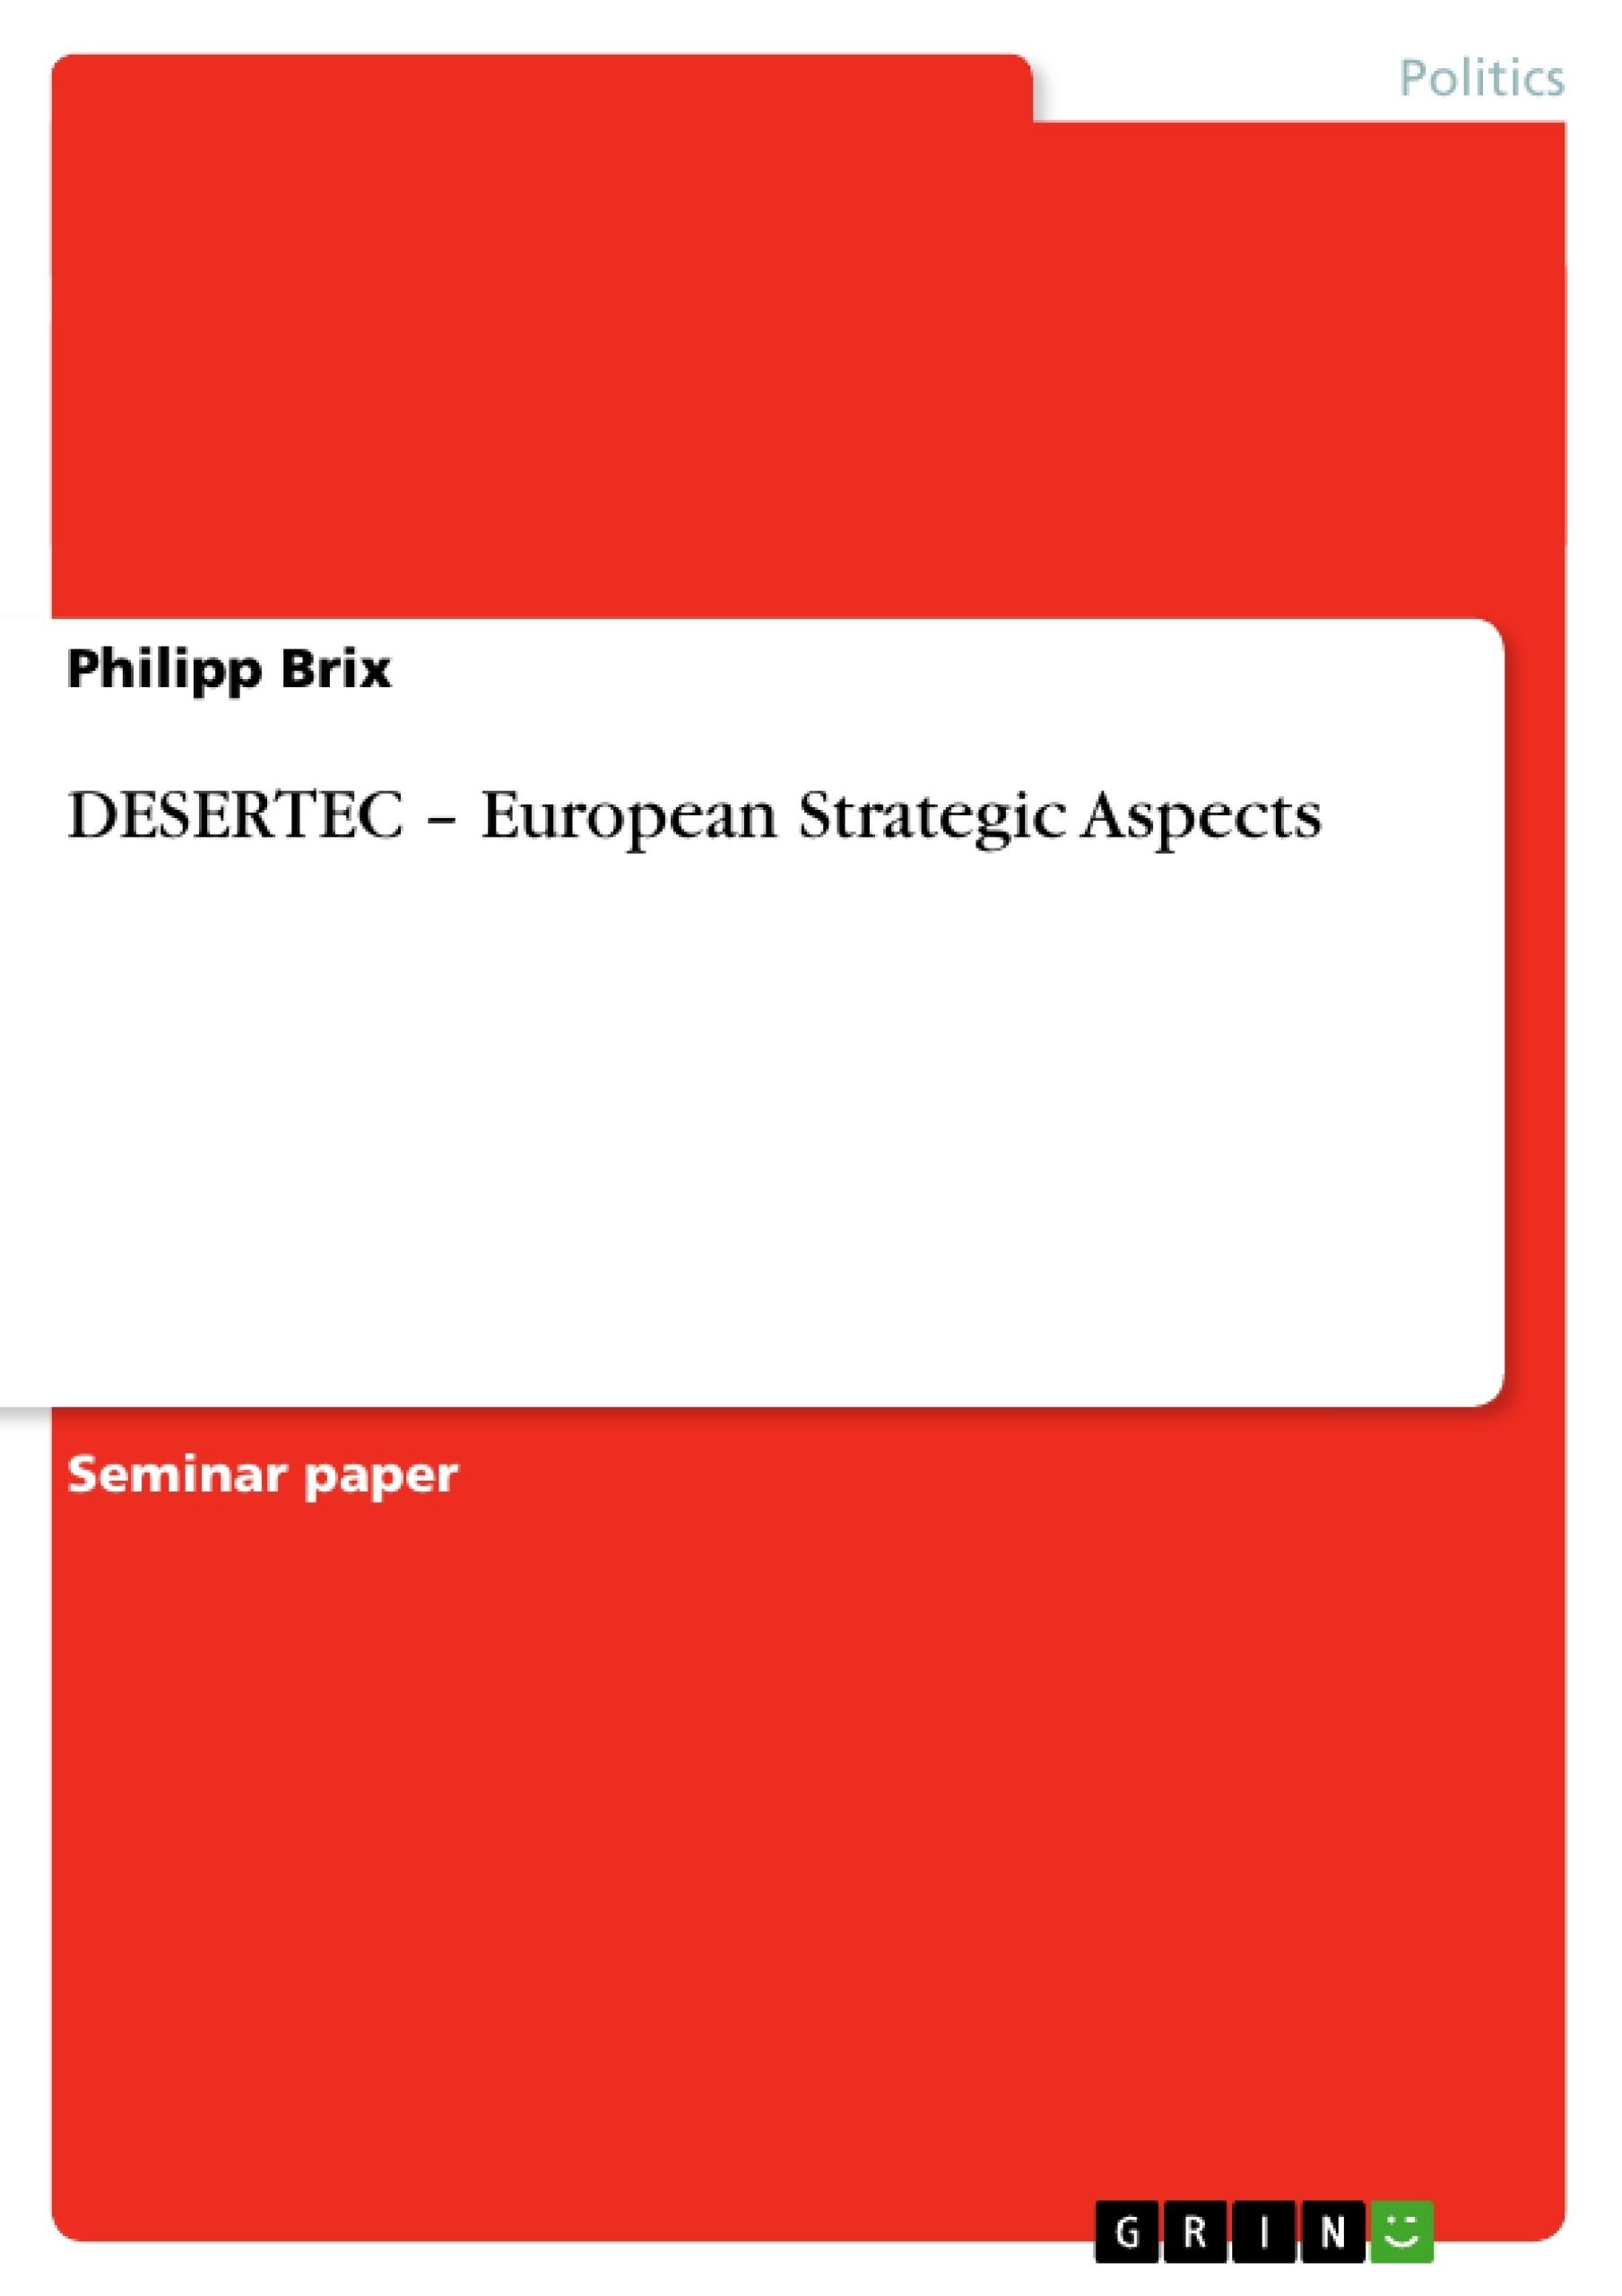 Title: DESERTEC – European Strategic Aspects